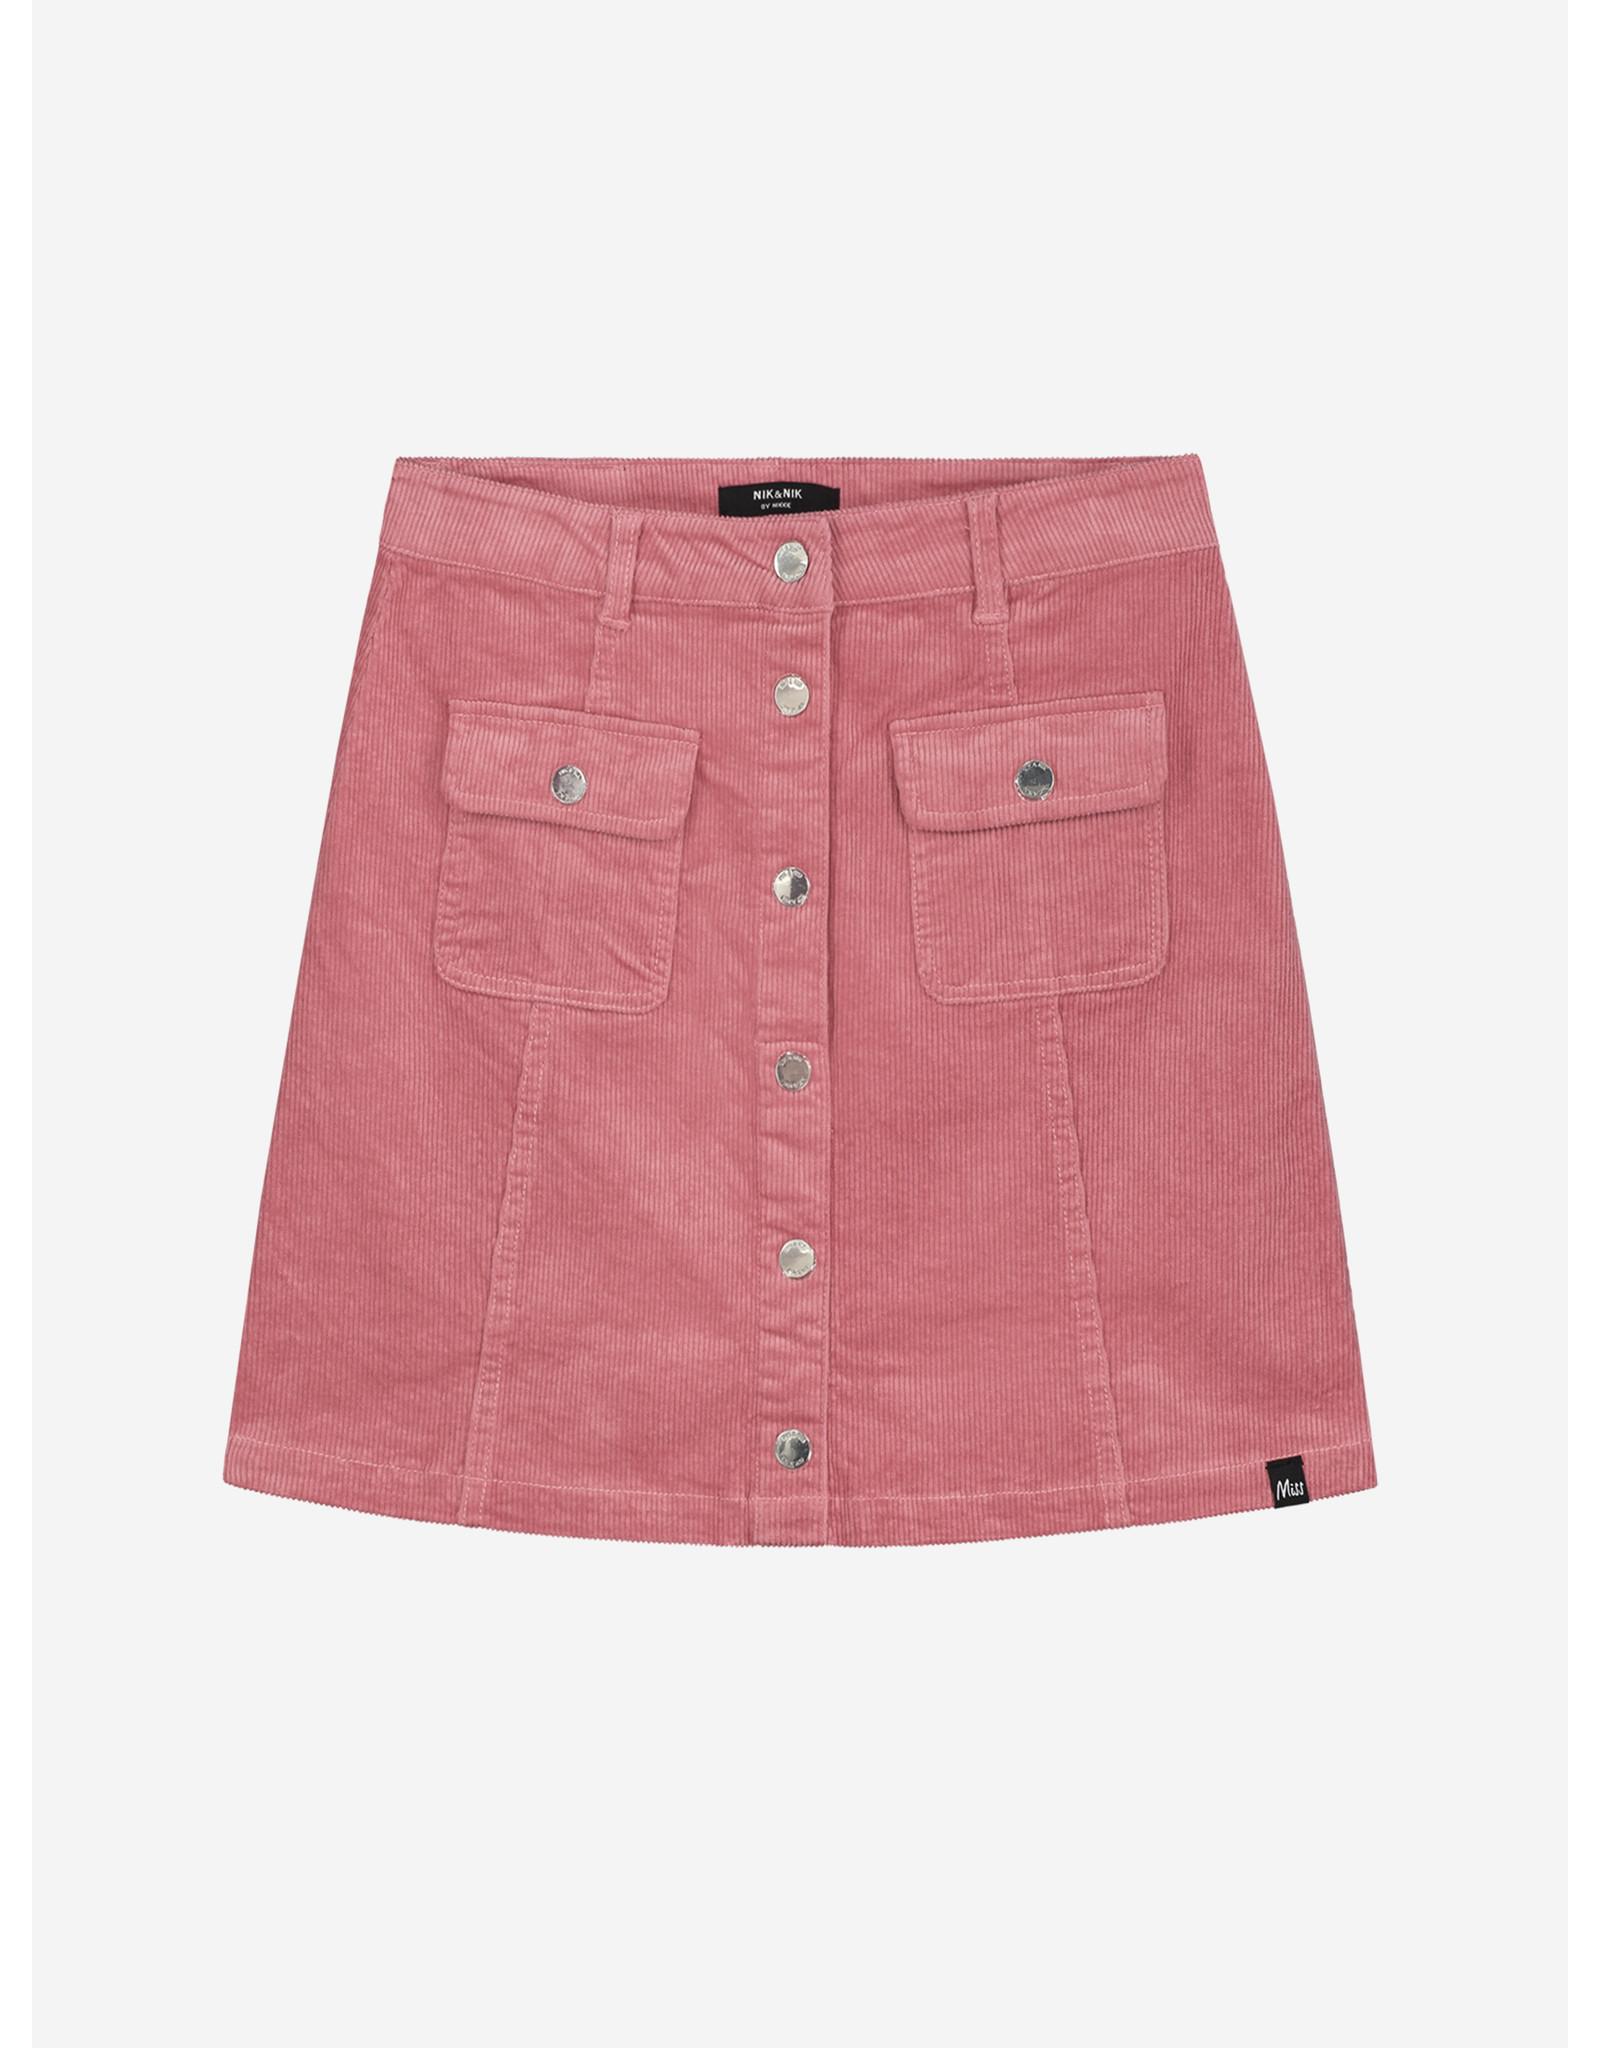 Nik & Nik Florijne Corduroy Skirt Vintage Pink